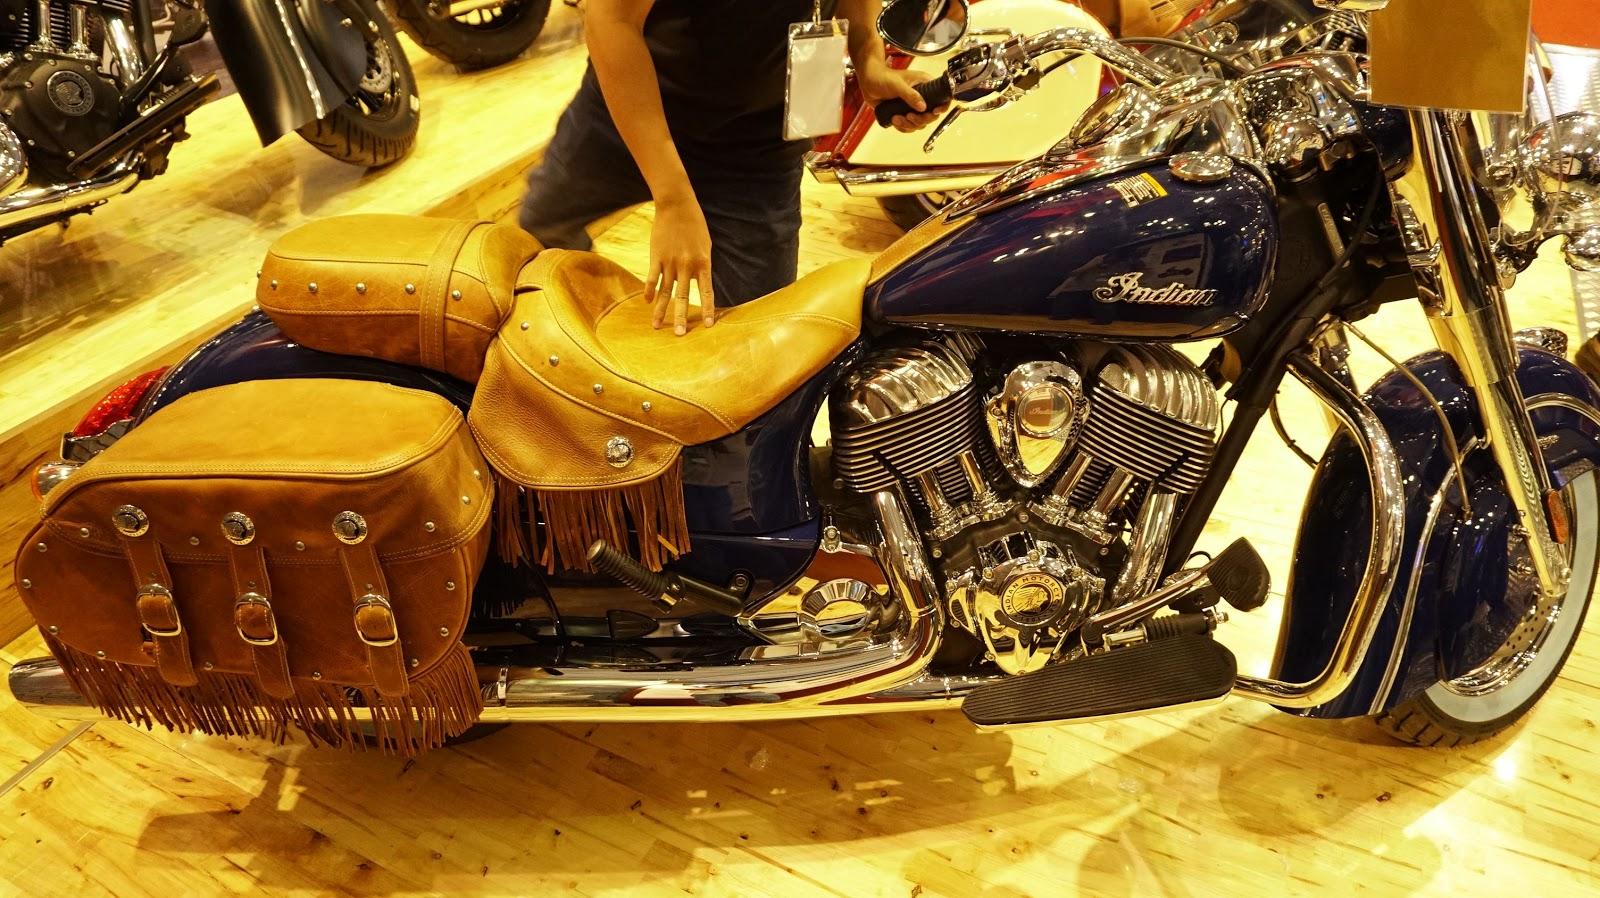 Indian Chief Vintage thực sự là một chiếc mô tô quá sang trọng, hoàn hảo